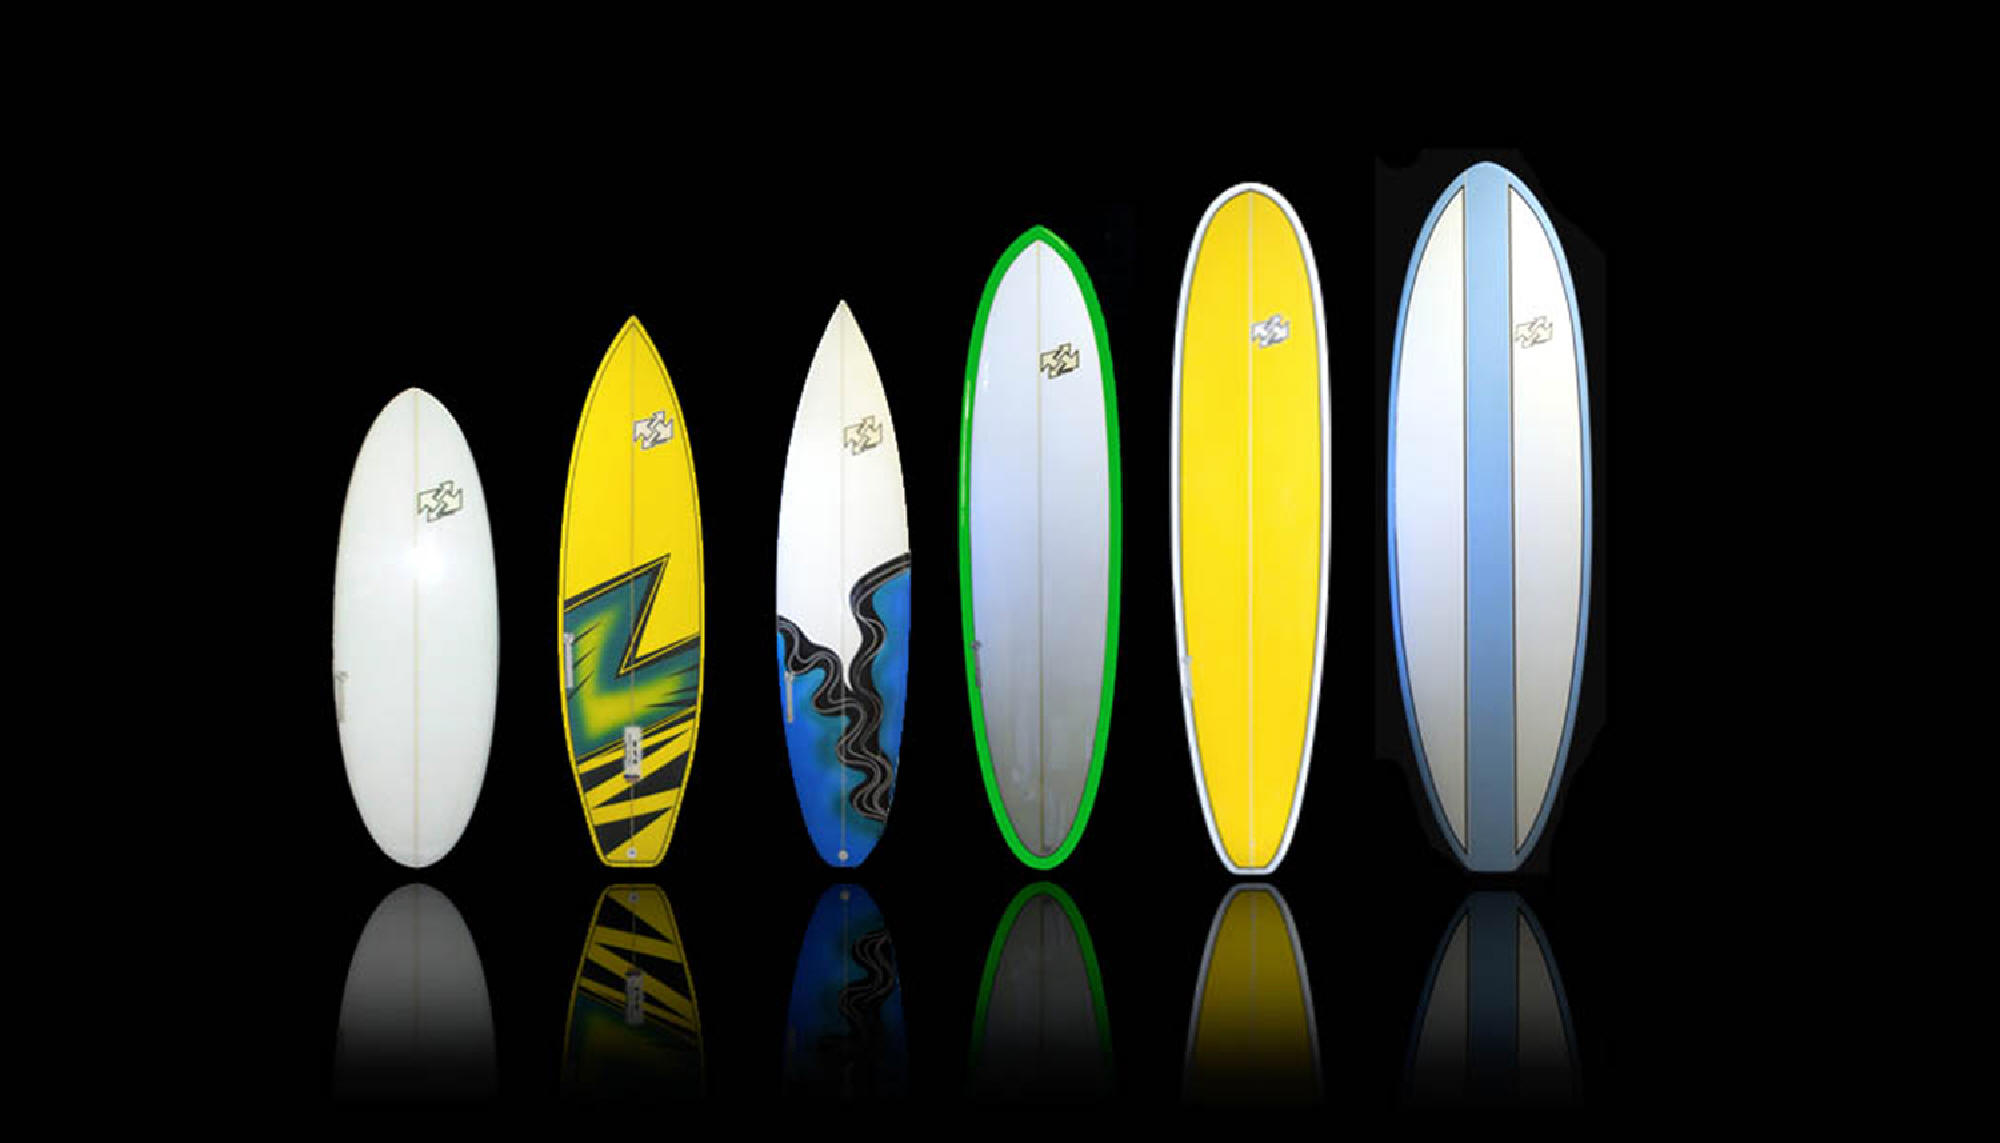 Photo: socalsurflessons.com